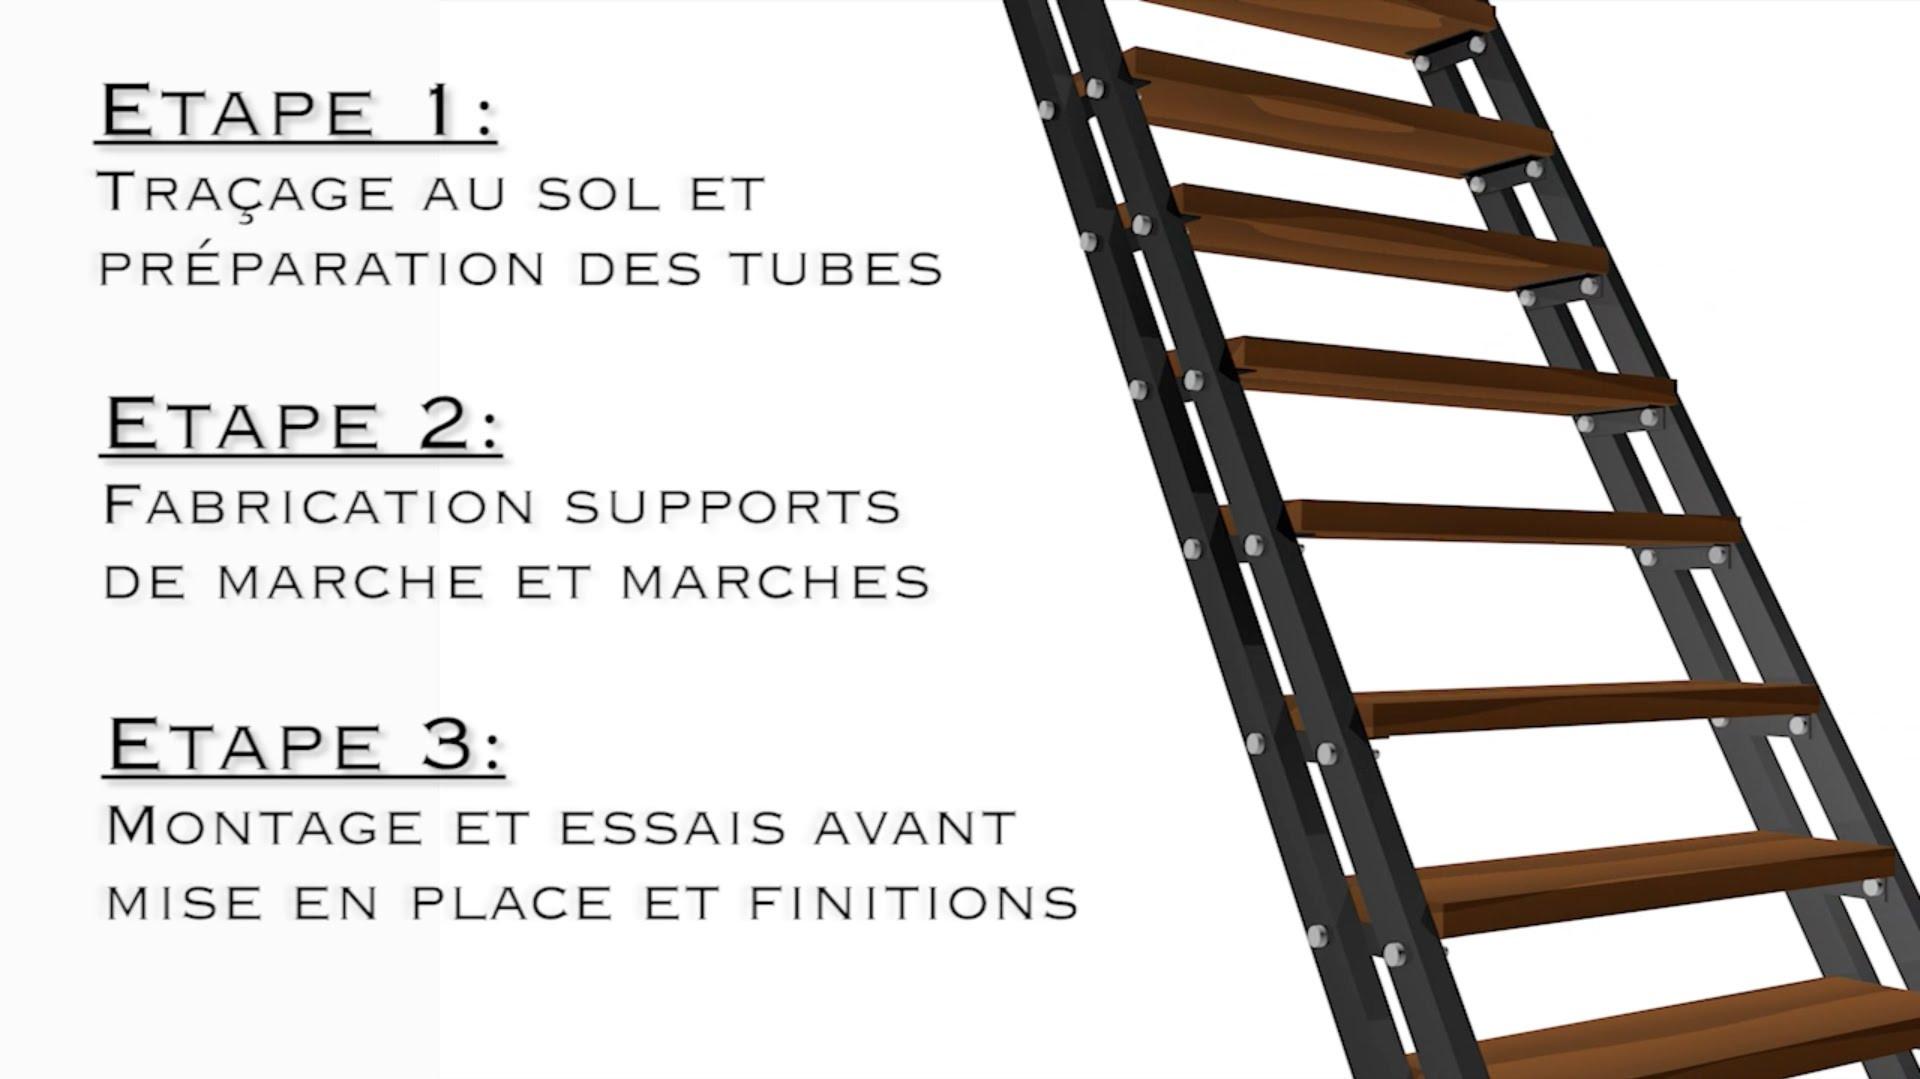 Echelle De Meunier Leroy Merlin Meilleur De Stock Plupart De Spectaculaire Escalier Pour Grenier Mod¨le De La Domicile